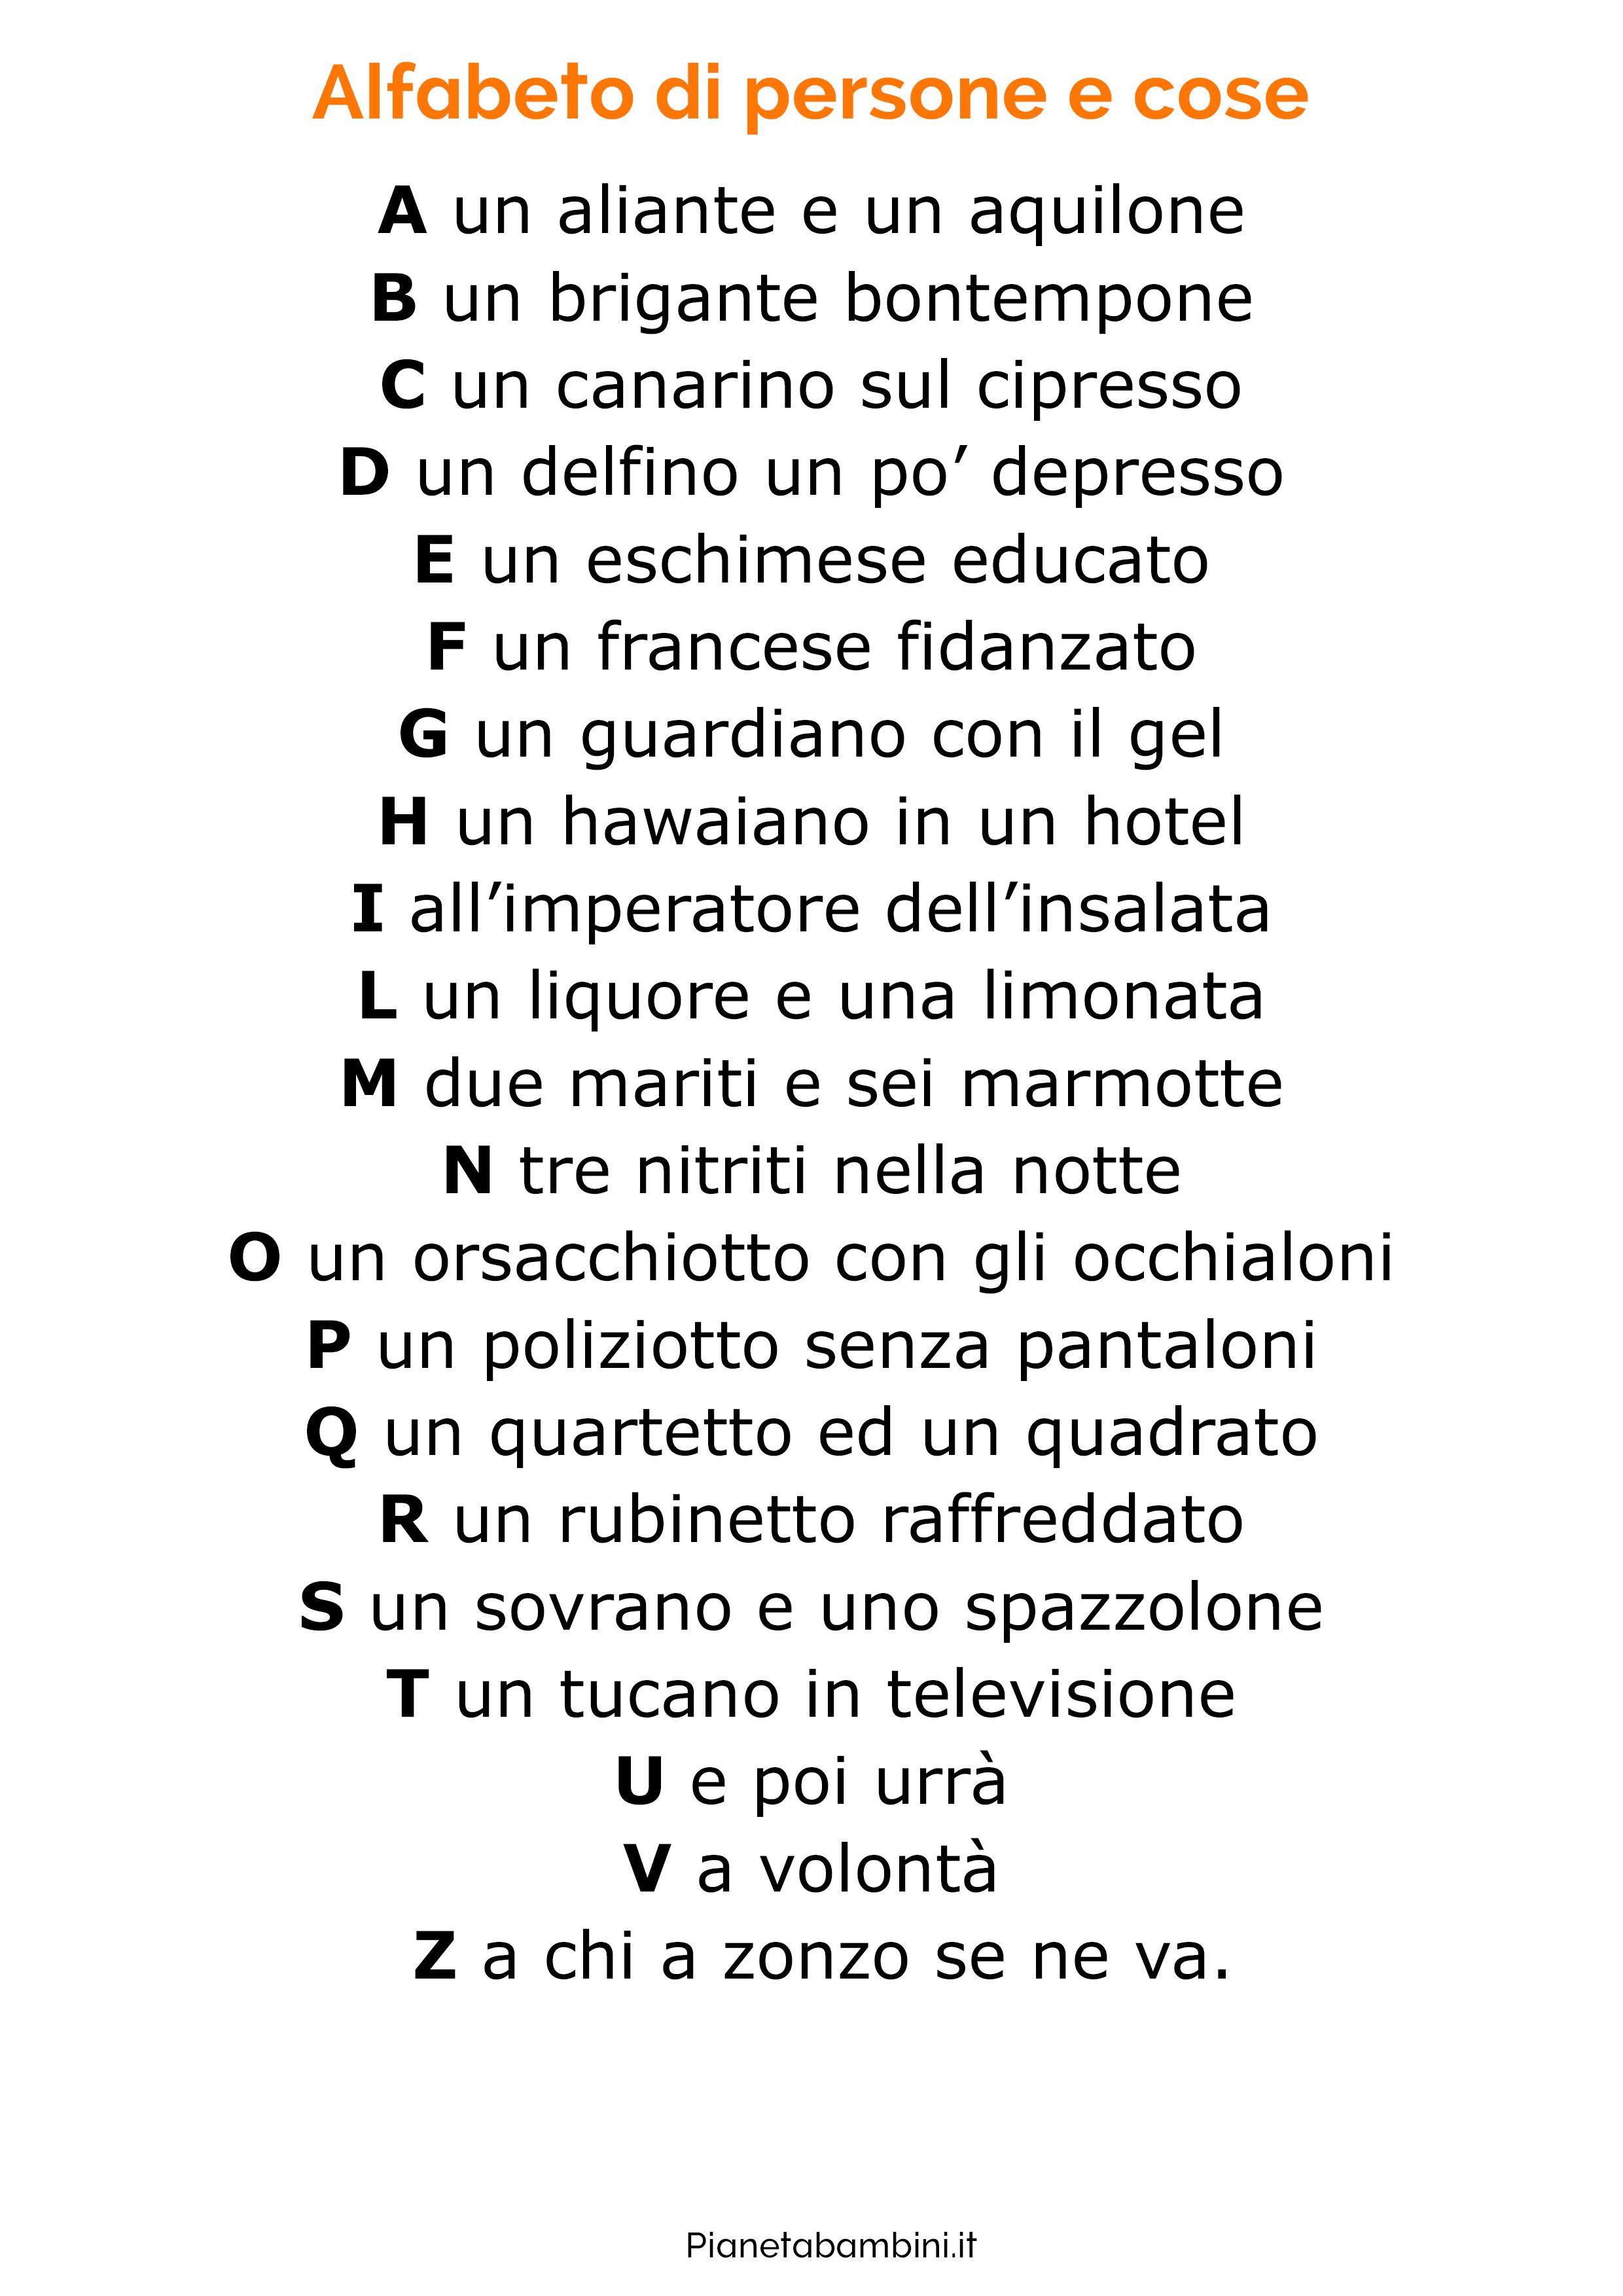 Filastrocca sull'alfabeto 2